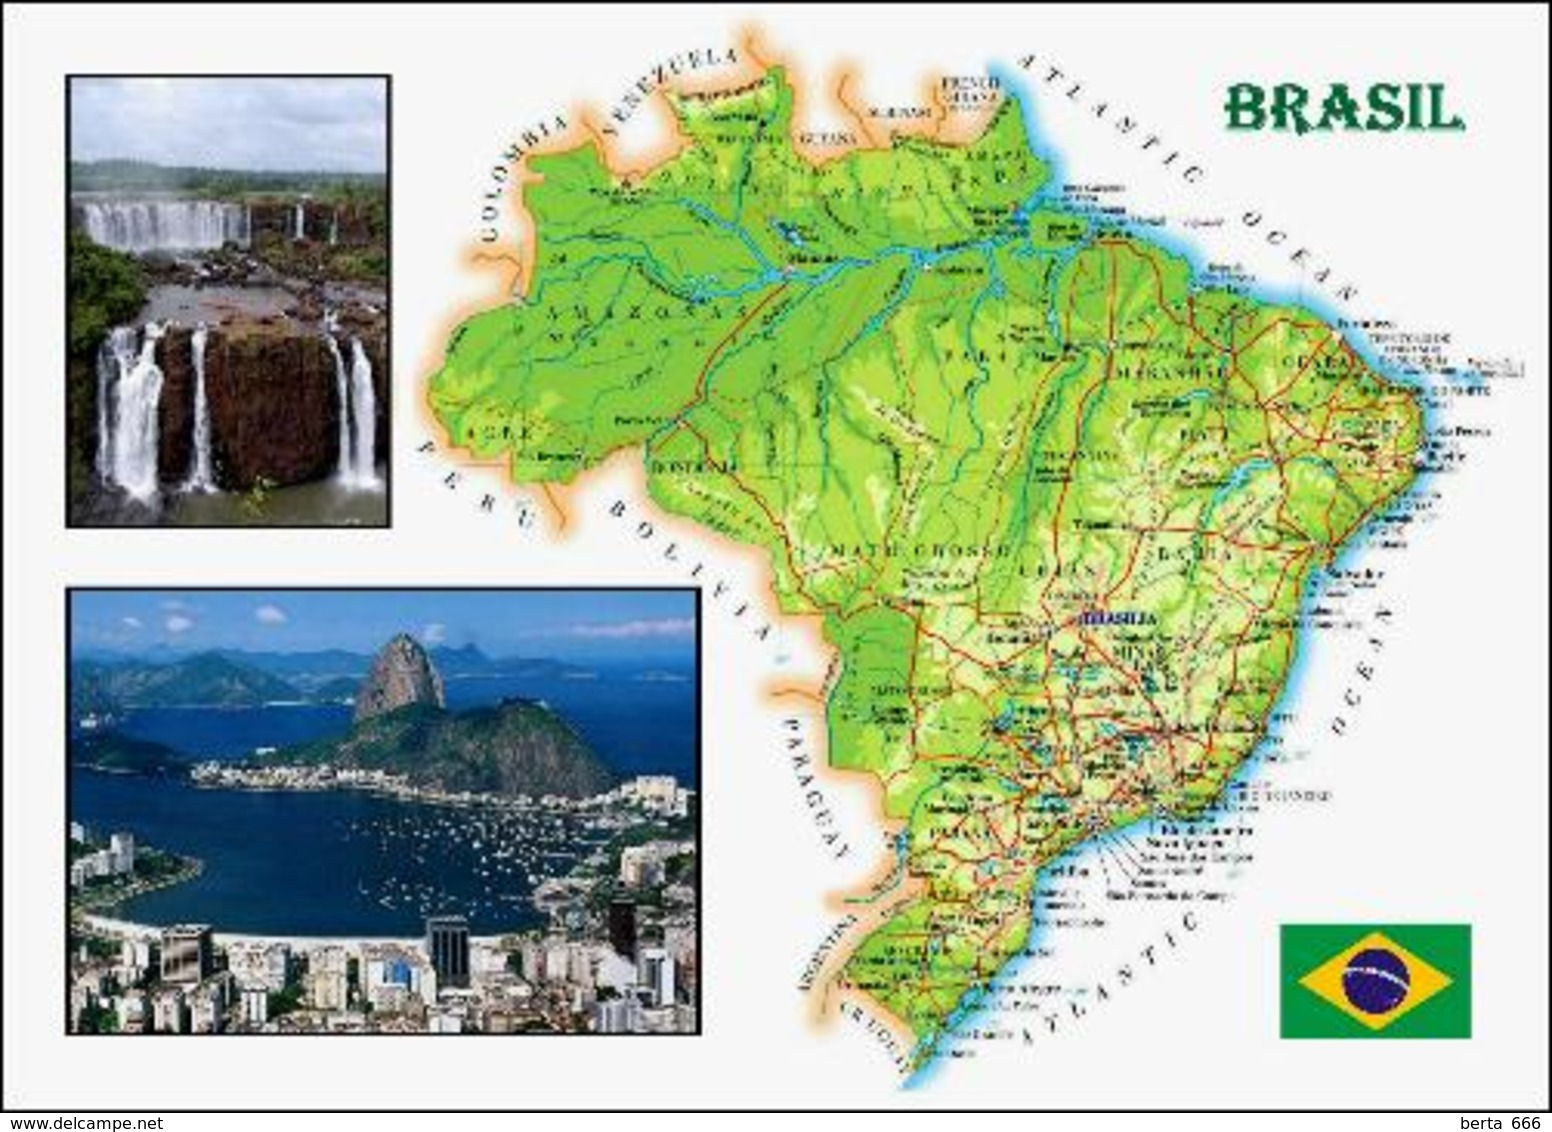 Brazil Country Map New Postcard Brasilien Landkarte AK - Brazil